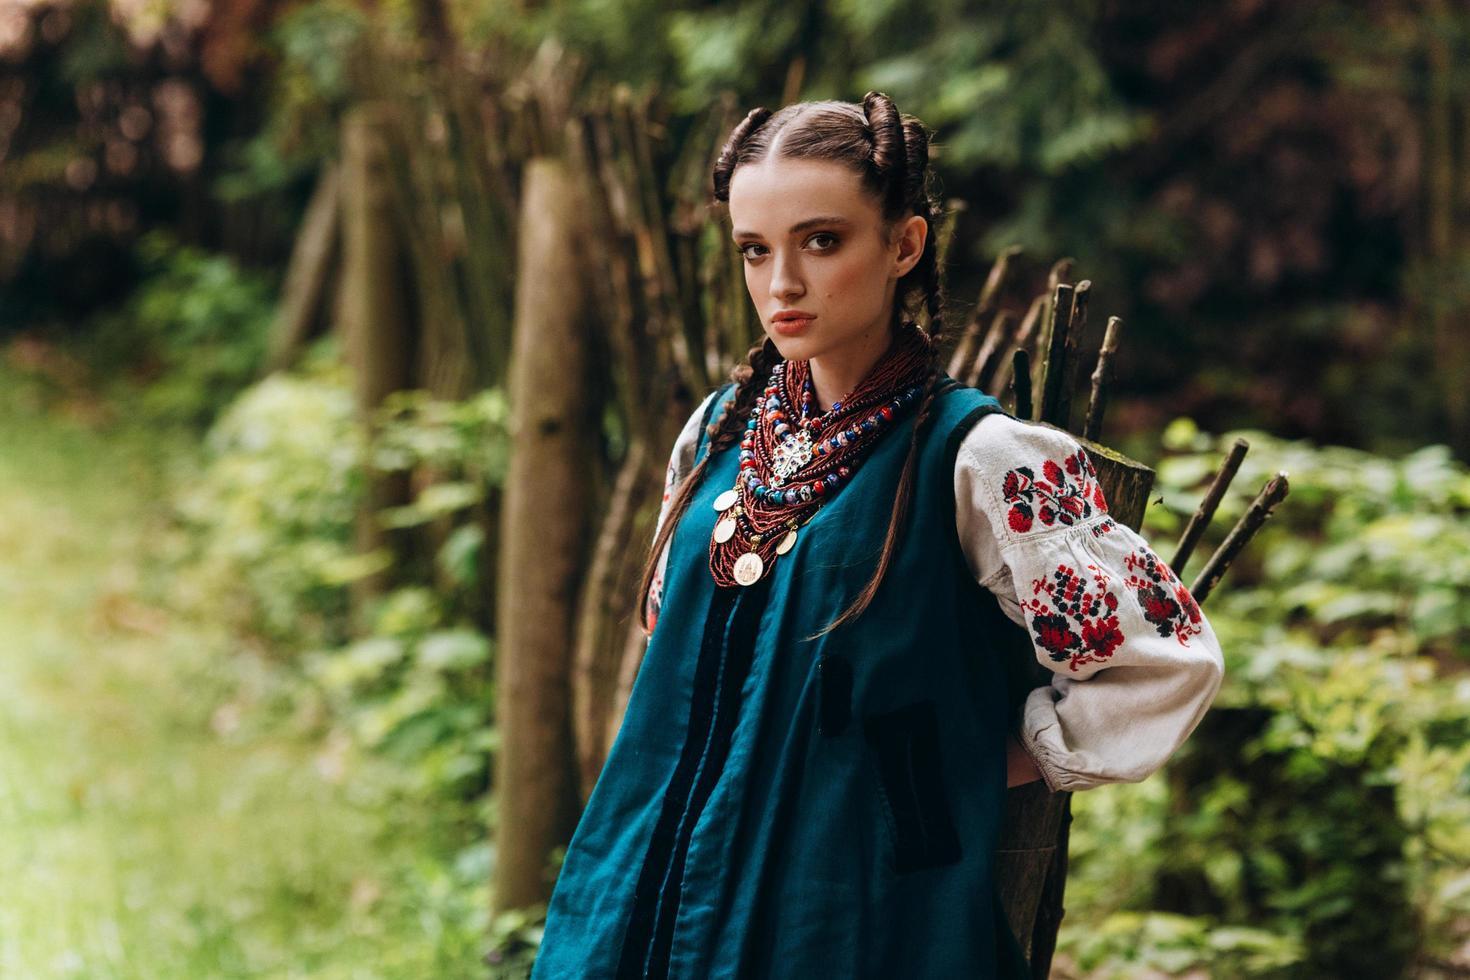 mooi meisje in Oekraïense traditionele kleding foto